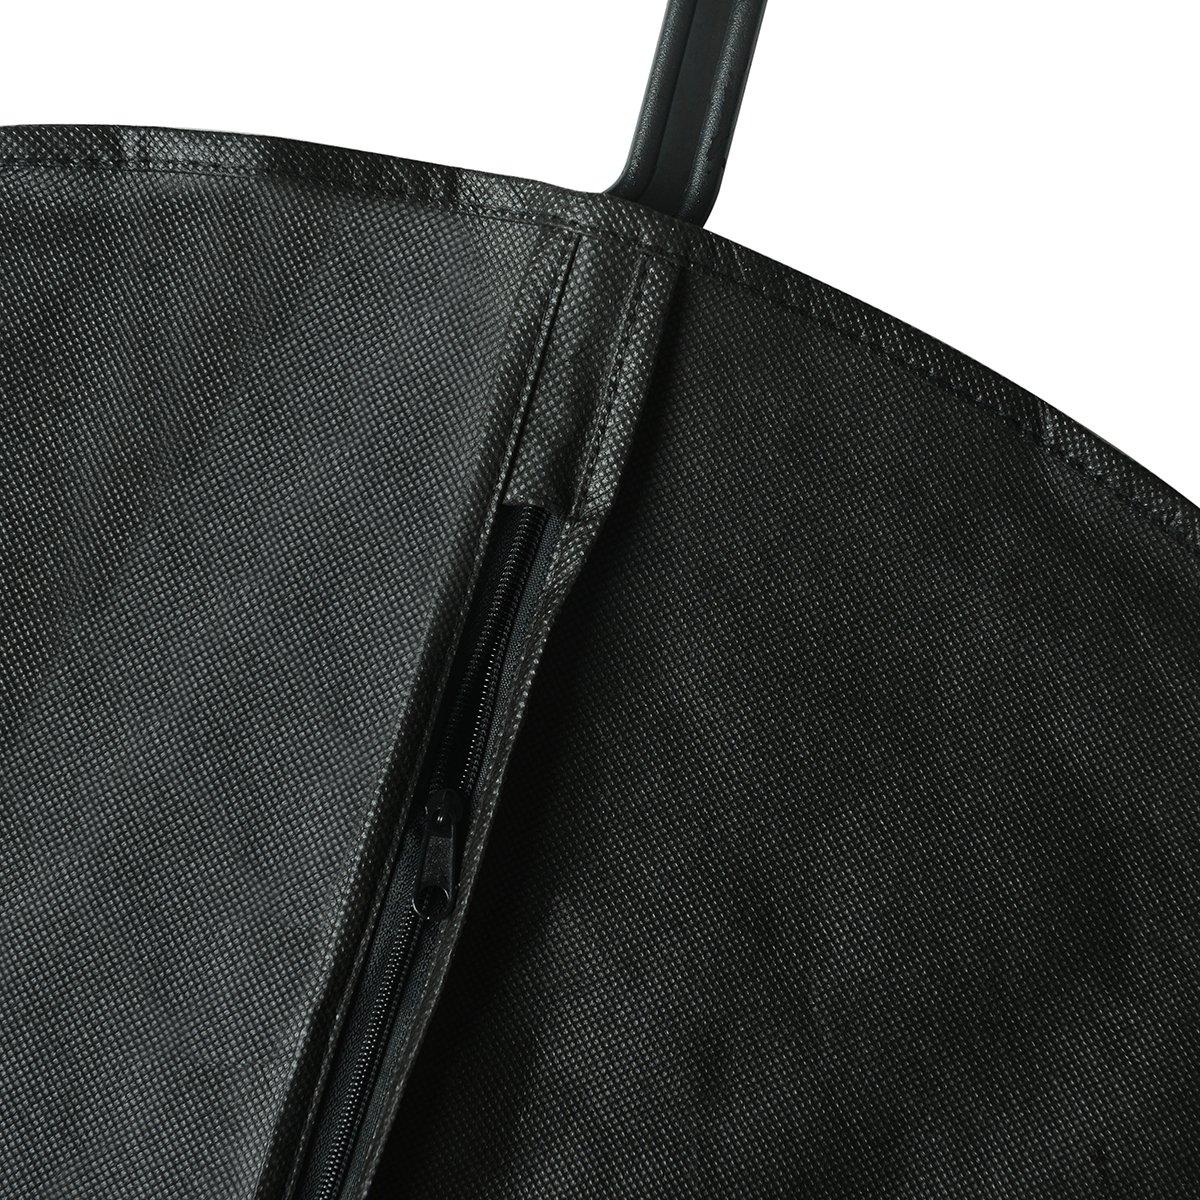 TLIYE Kleidersack 3er Set inkl Schuhbeutel Premium Kleiderh/ülle mit Sichtfenster f/ür Anzug Kleid und Hemden Atmungsaktive Business Reise Anzugtasche